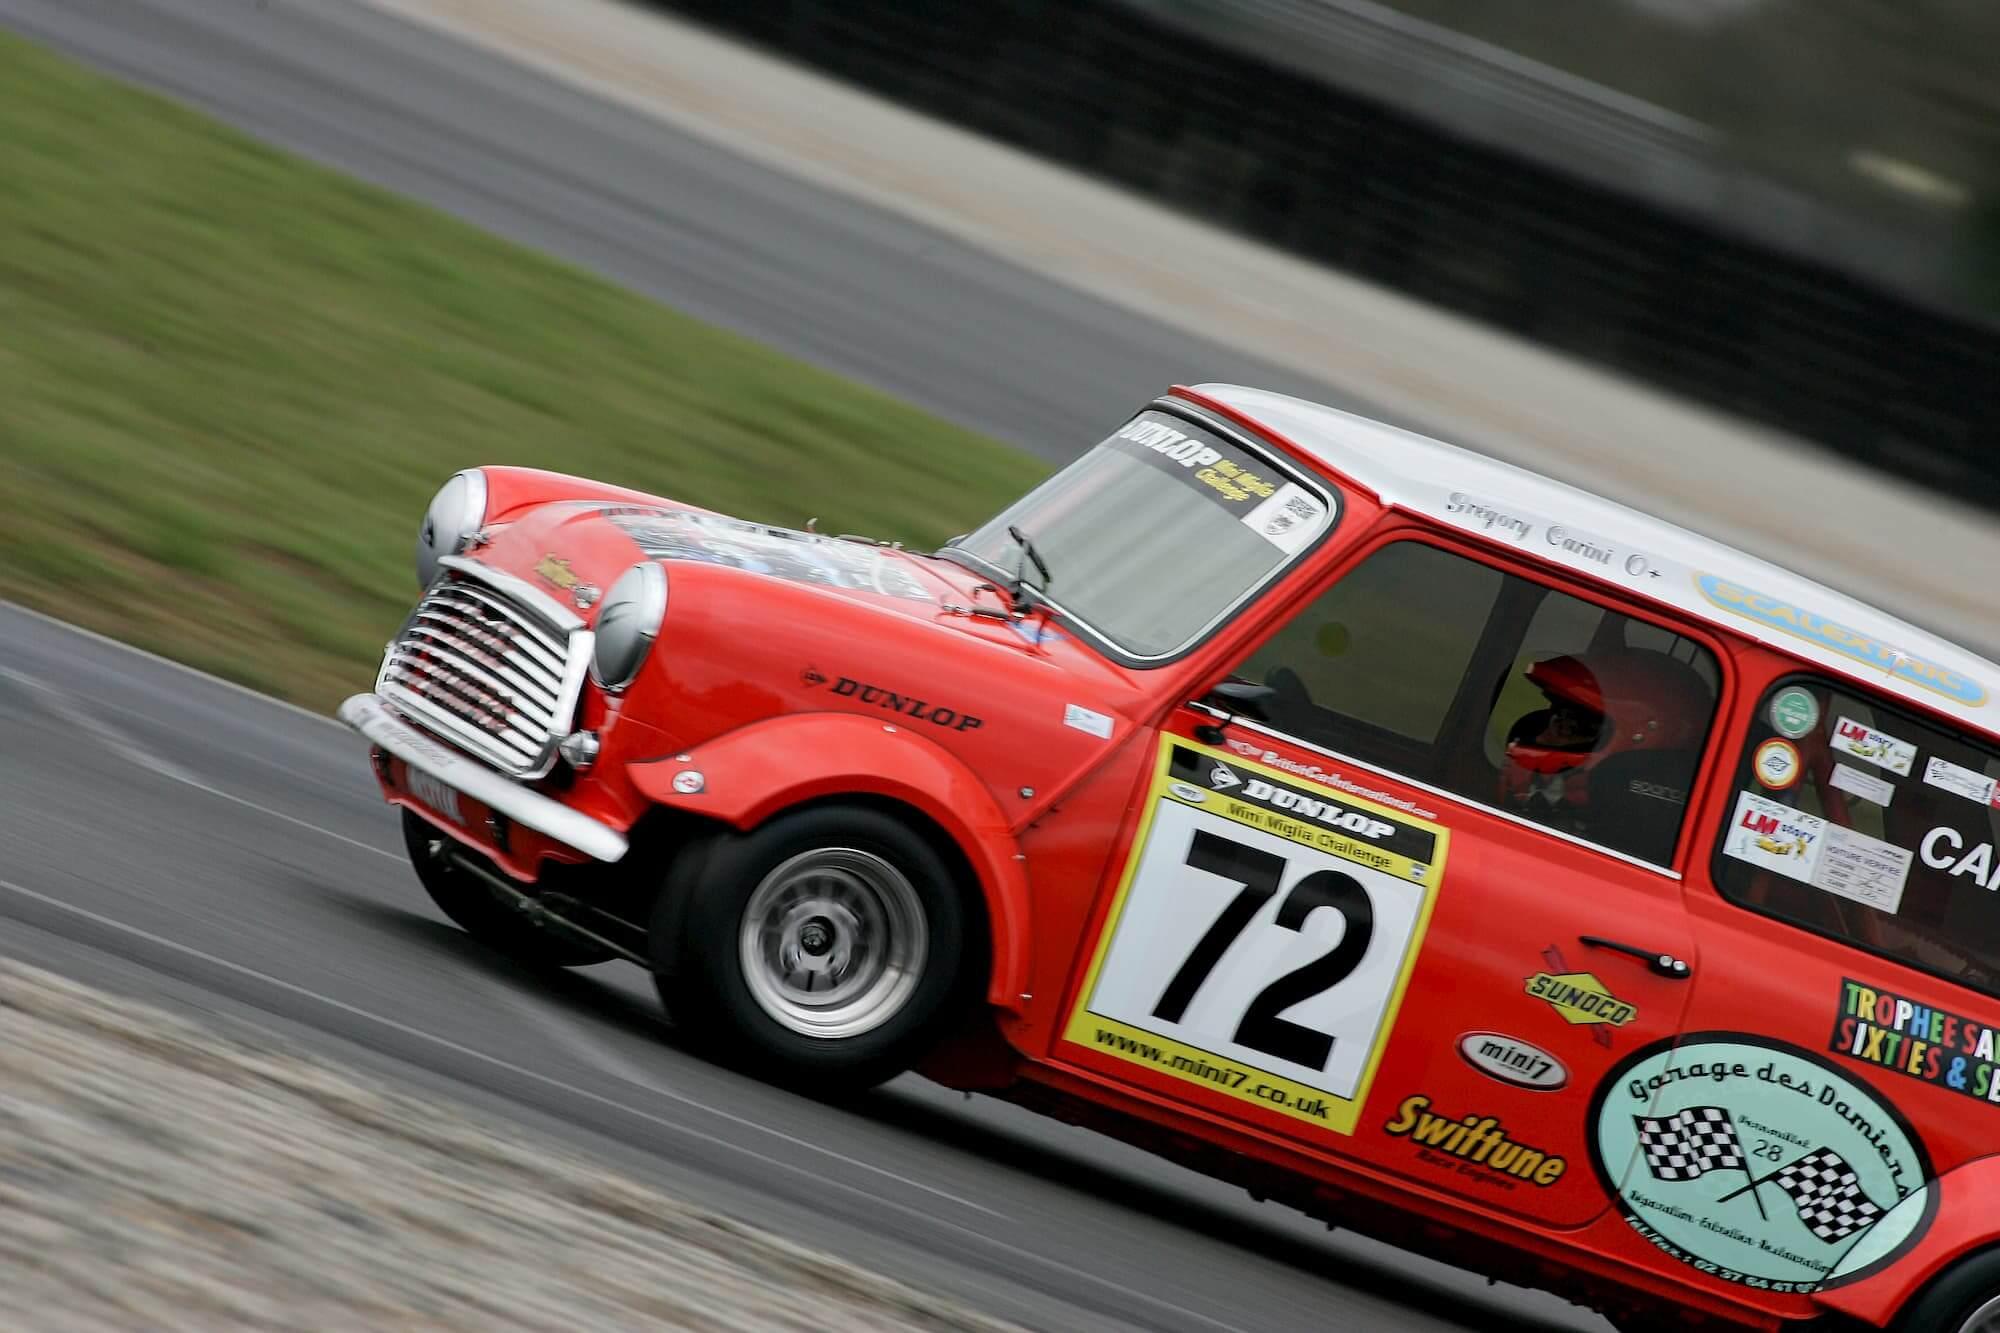 Mini Austin Miglia 7, voiture de collection et de course automobile sponsorisée par le Garage des Damiers